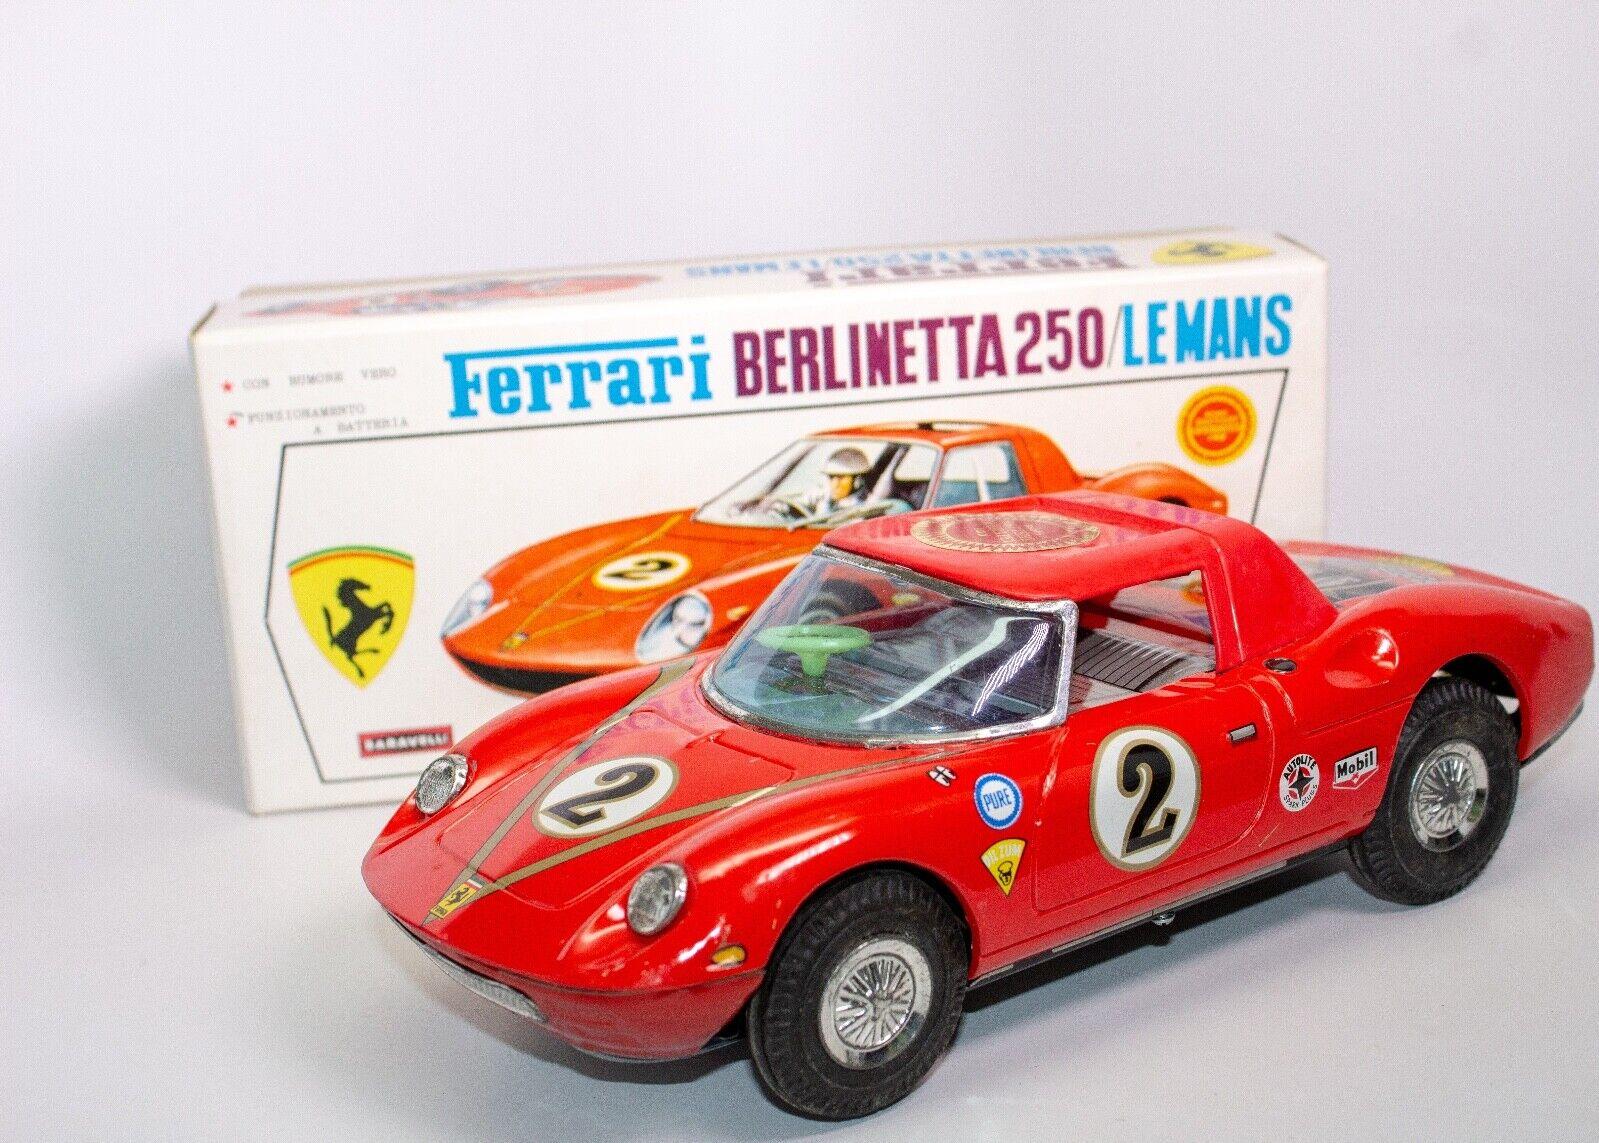 VINTAGE JAPANESE BATTERY OPERATED 1963 FERRARI BERLINETTA LE MANS RACER RACER